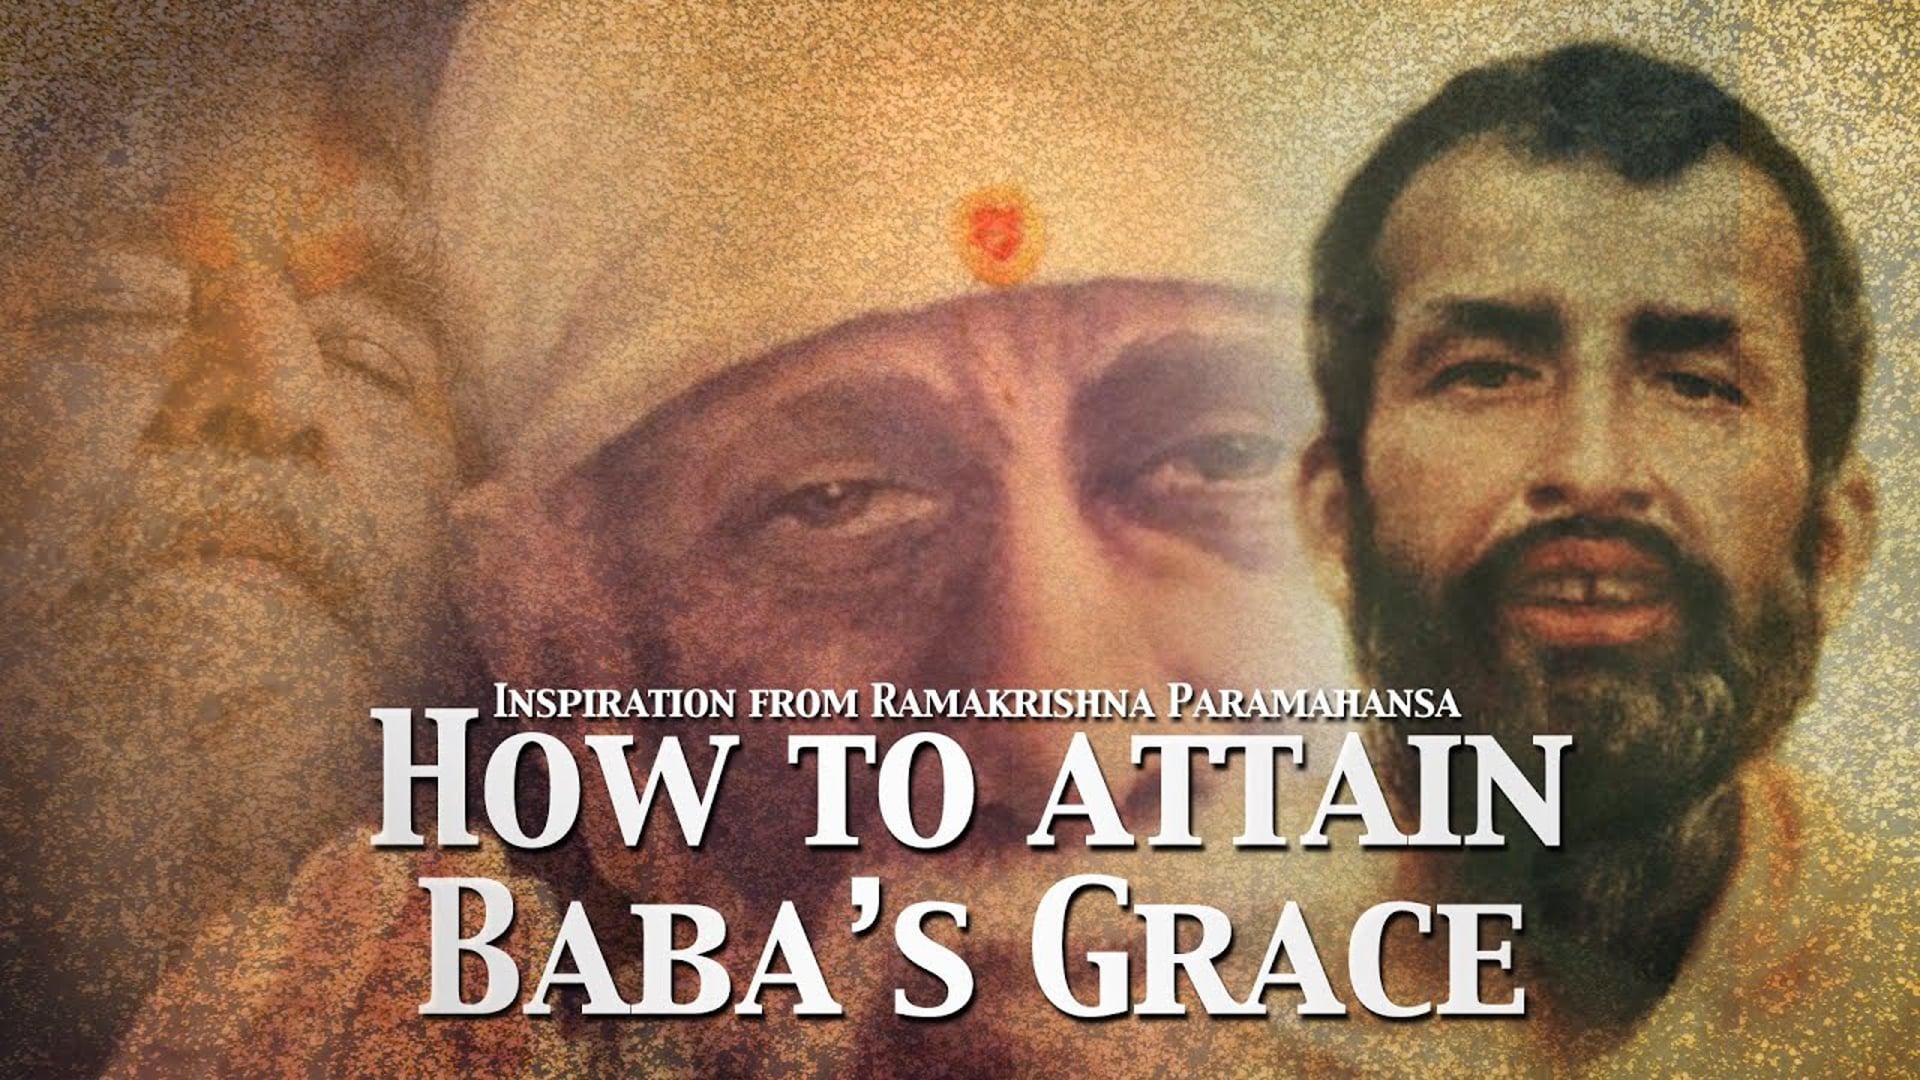 How to Attain Baba's Grace  Inspiration from the life of Ramakrishna Paramhansa